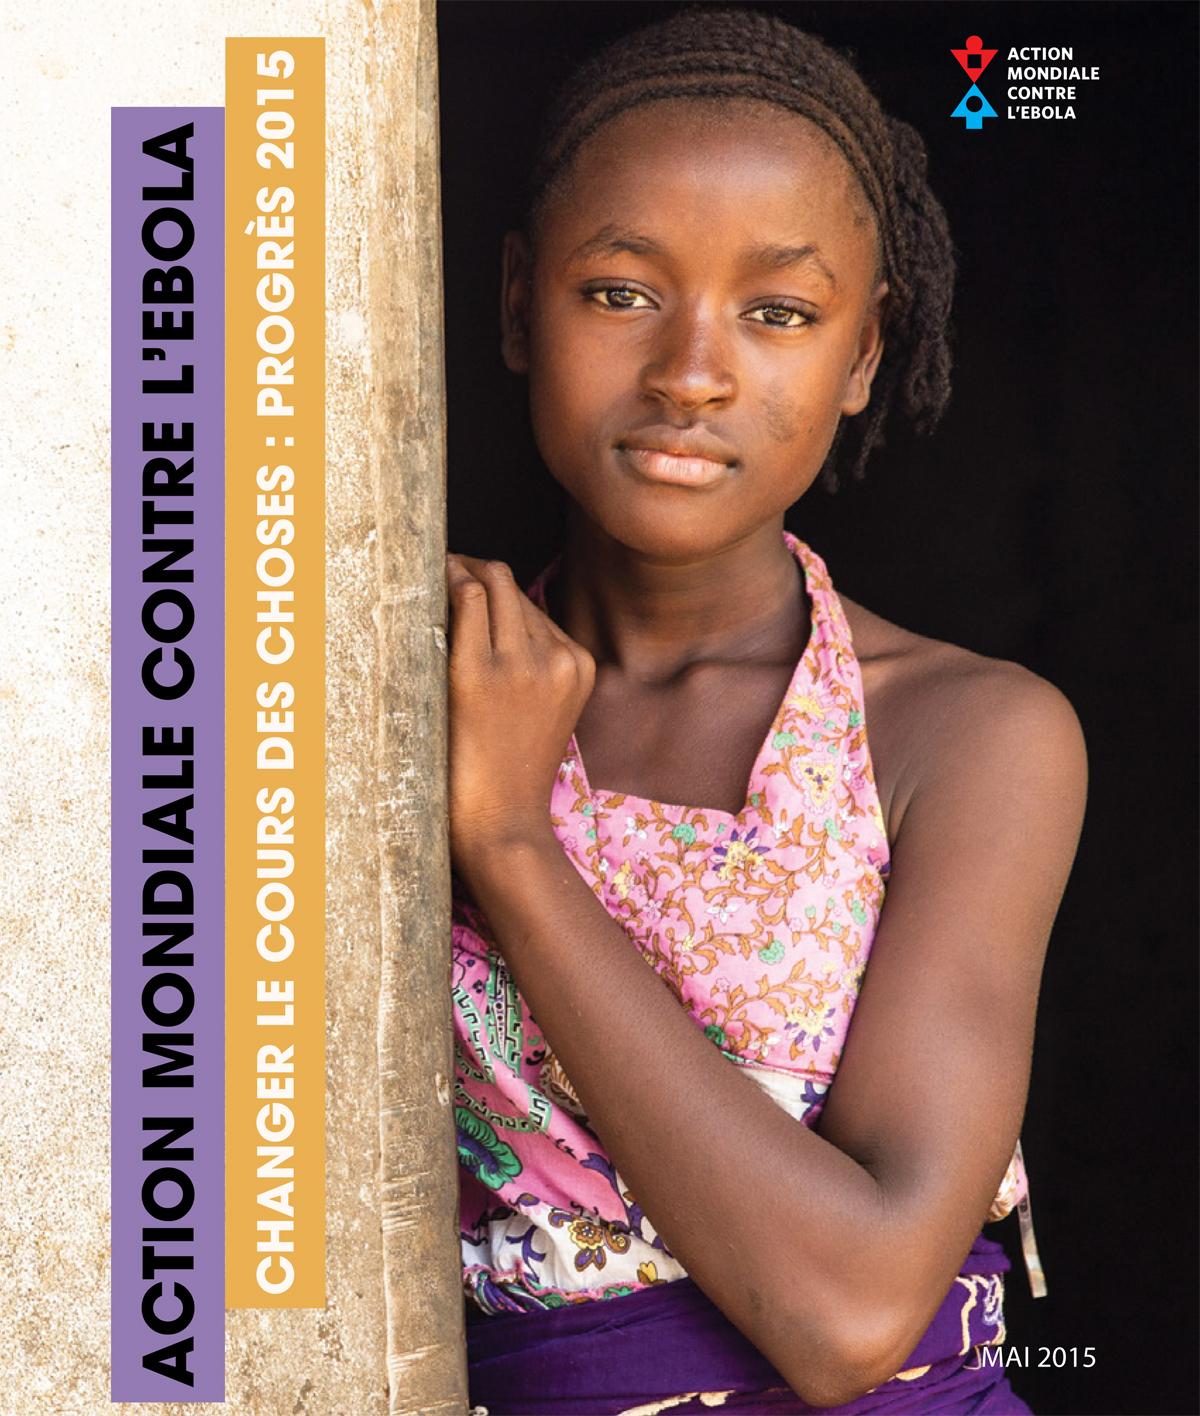 Couverture de la publication intitulée « Changer le cours des choses : progrès 2015 »